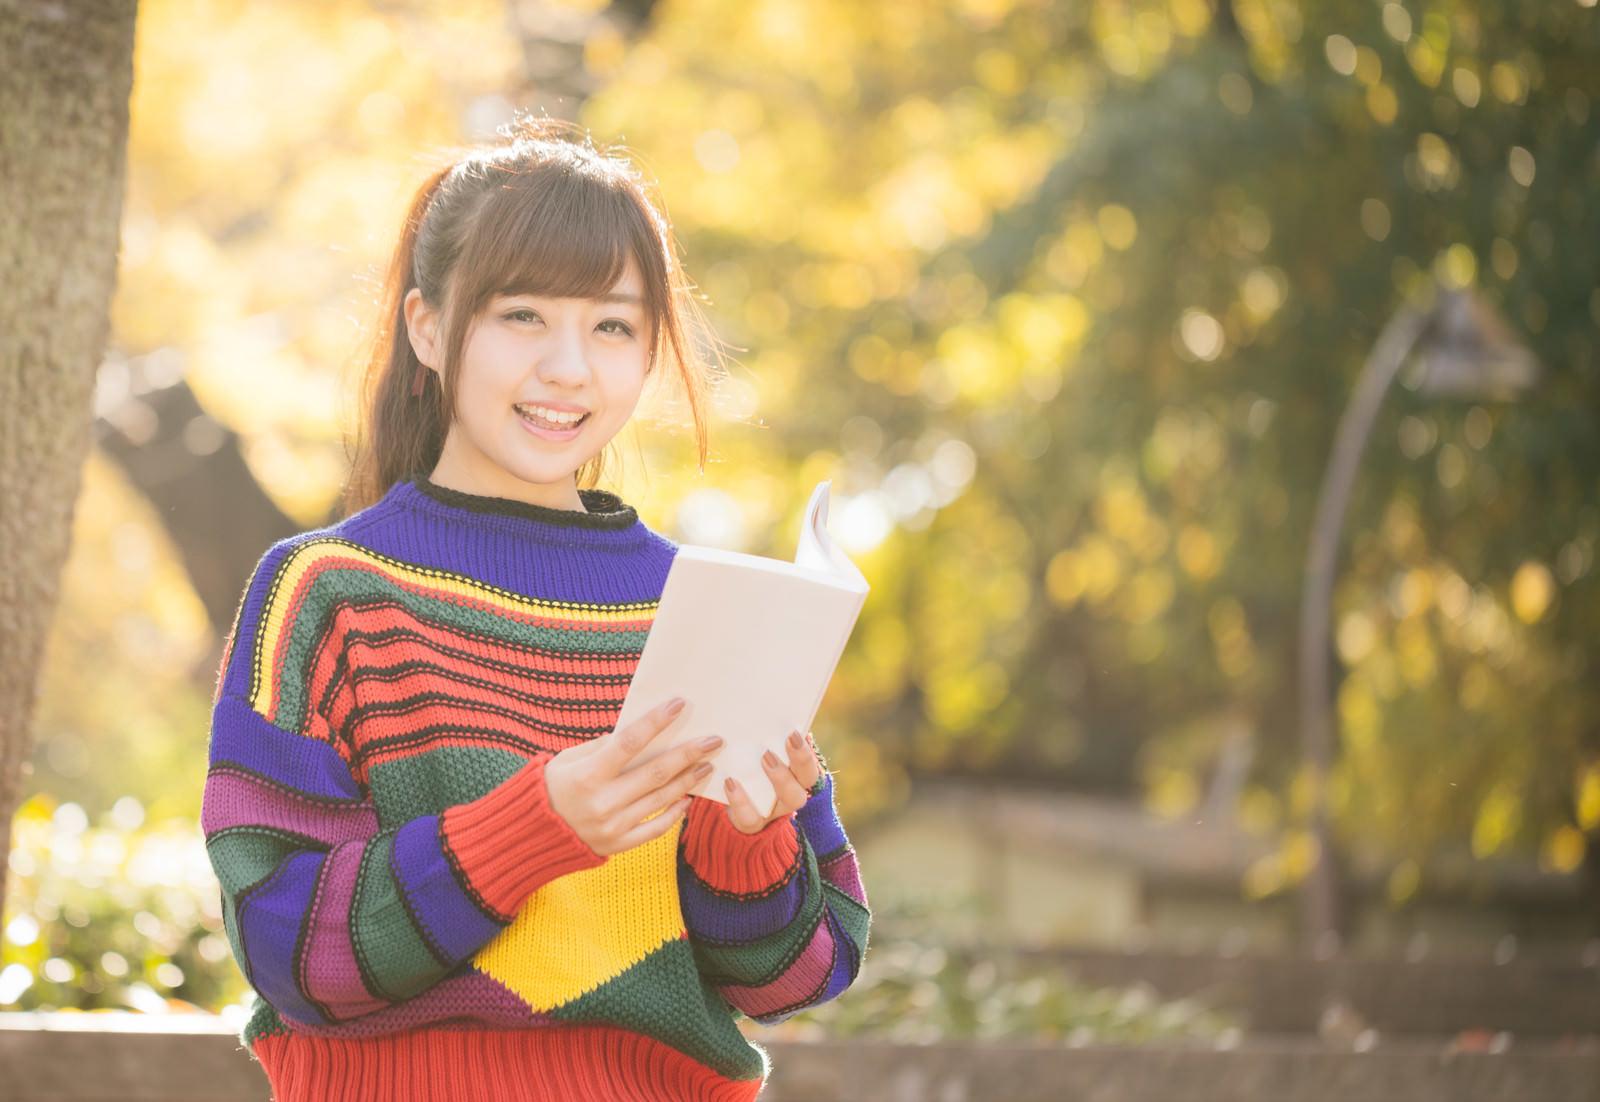 「読書の秋、紅葉に包まれる80s風女子読書の秋、紅葉に包まれる80s風女子」[モデル:河村友歌]のフリー写真素材を拡大